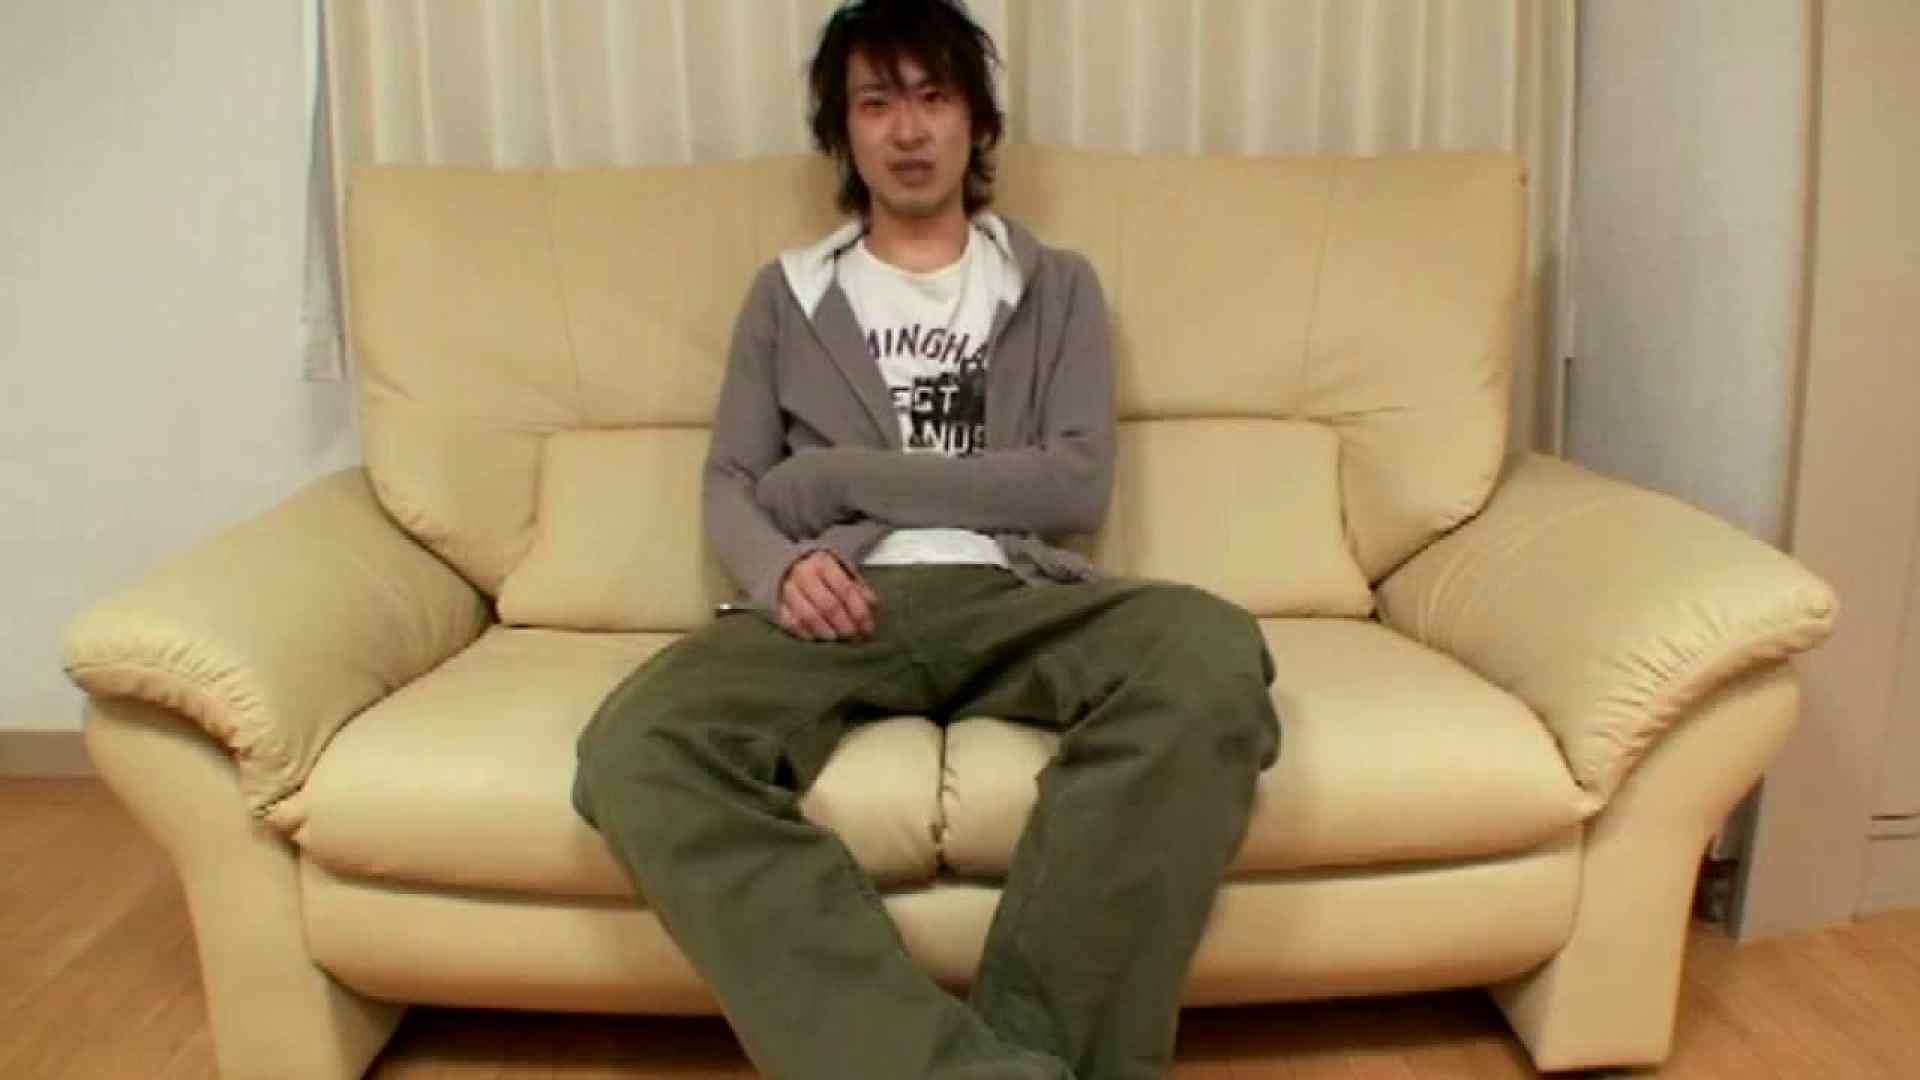 ノンケ!自慰スタジオ No.21 ノンケのオナニー   イケメン特集  10枚 5